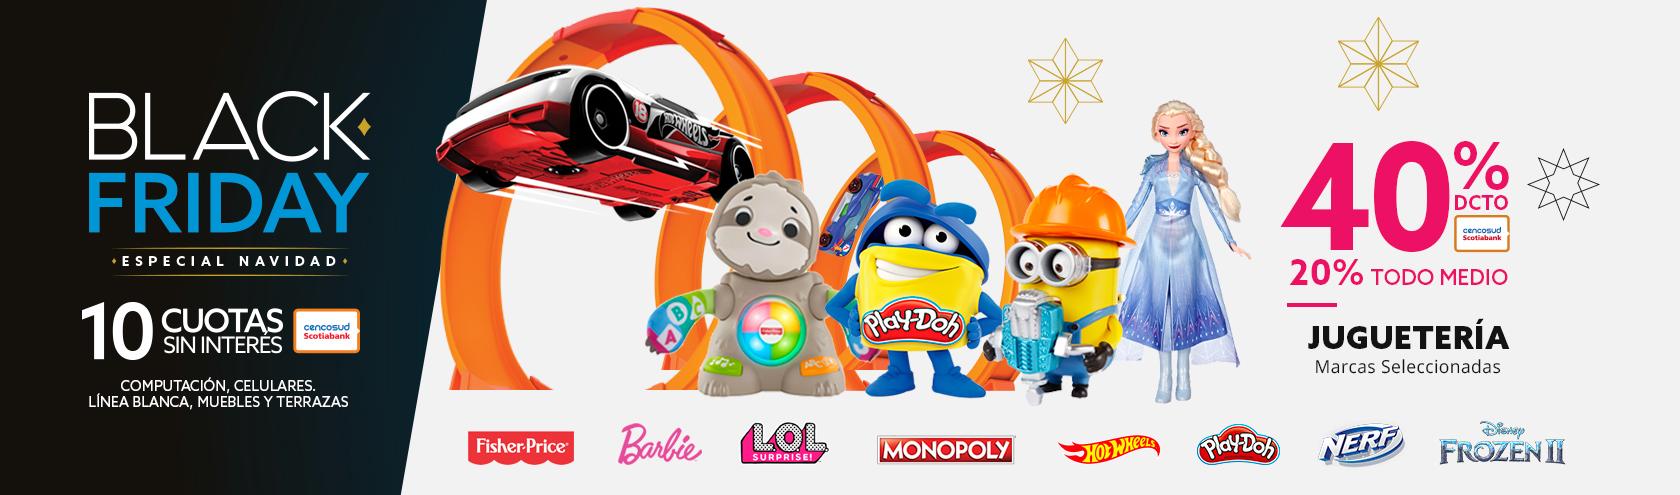 40% descuento con tarjeta cencosud y 20% de descuento con todo medio de pago en juguetes marcas seleccionadas